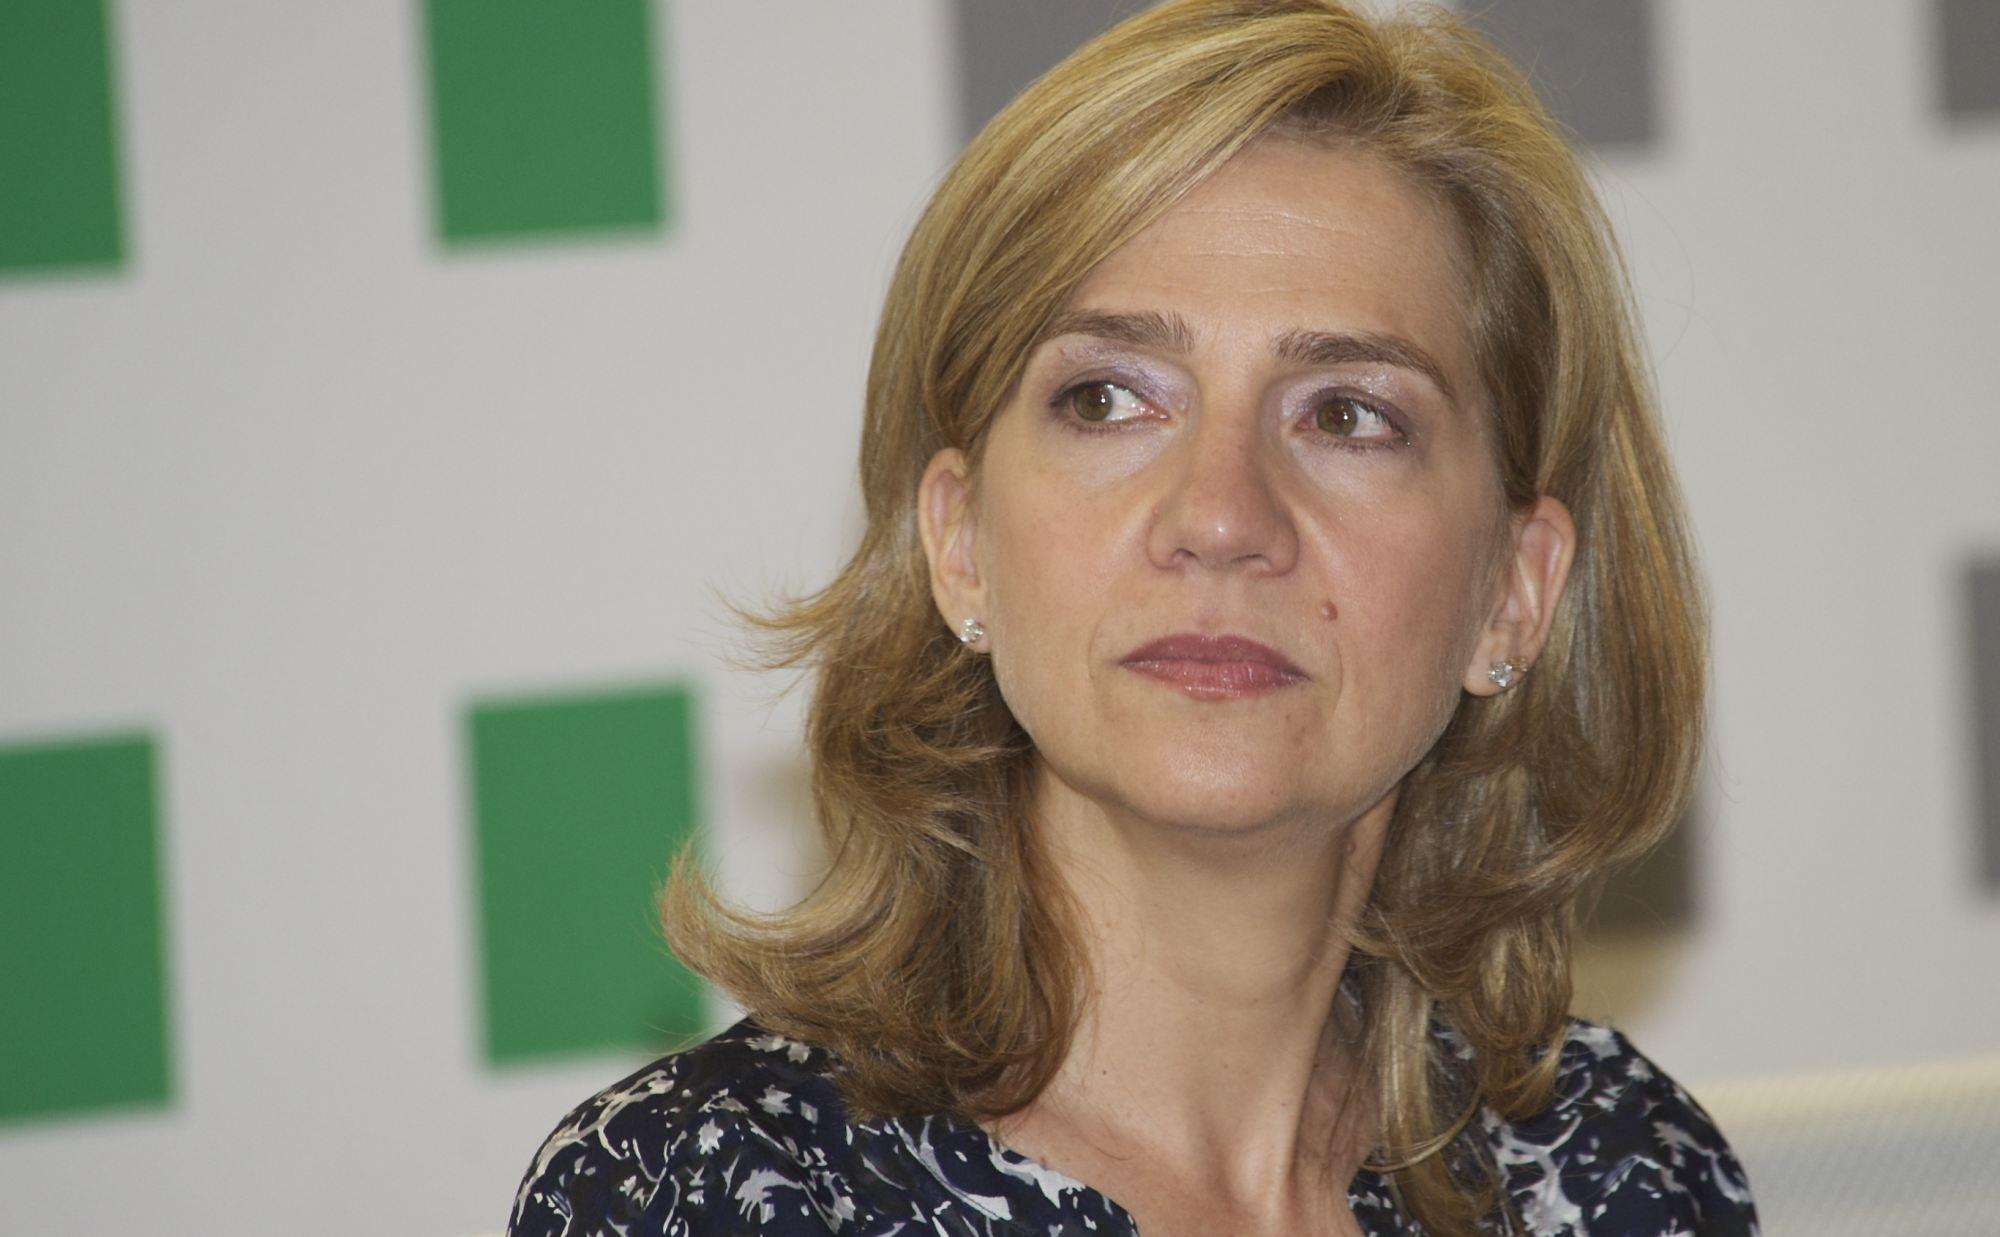 Los abogados de la Infanta critican la fianza 'desproporcionada' y acusan a Castro de 'corruptela'